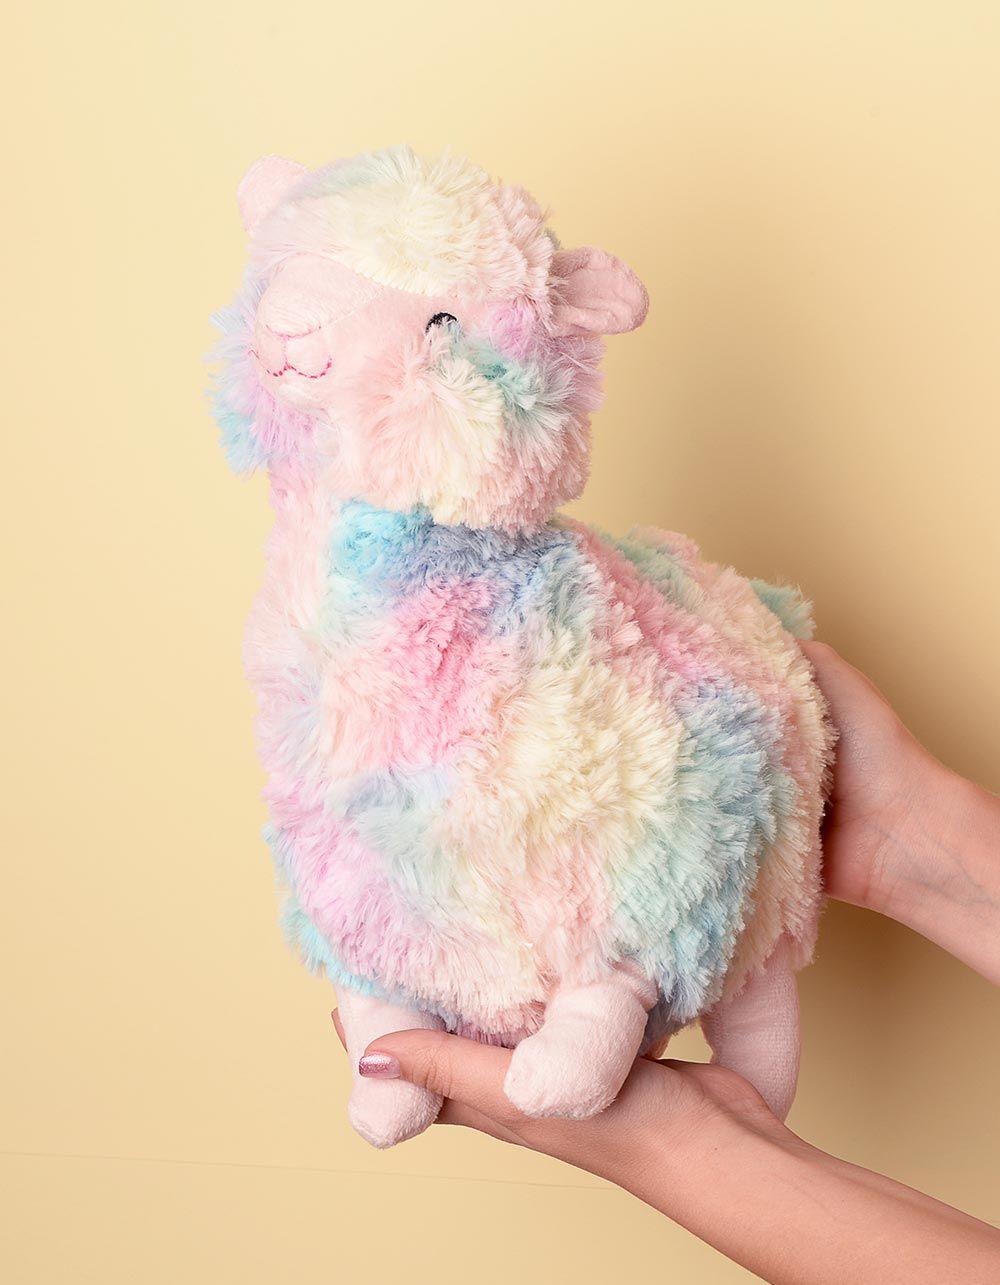 Іграшка м яка кольорова у вигляді альпака | 238286-21-XX